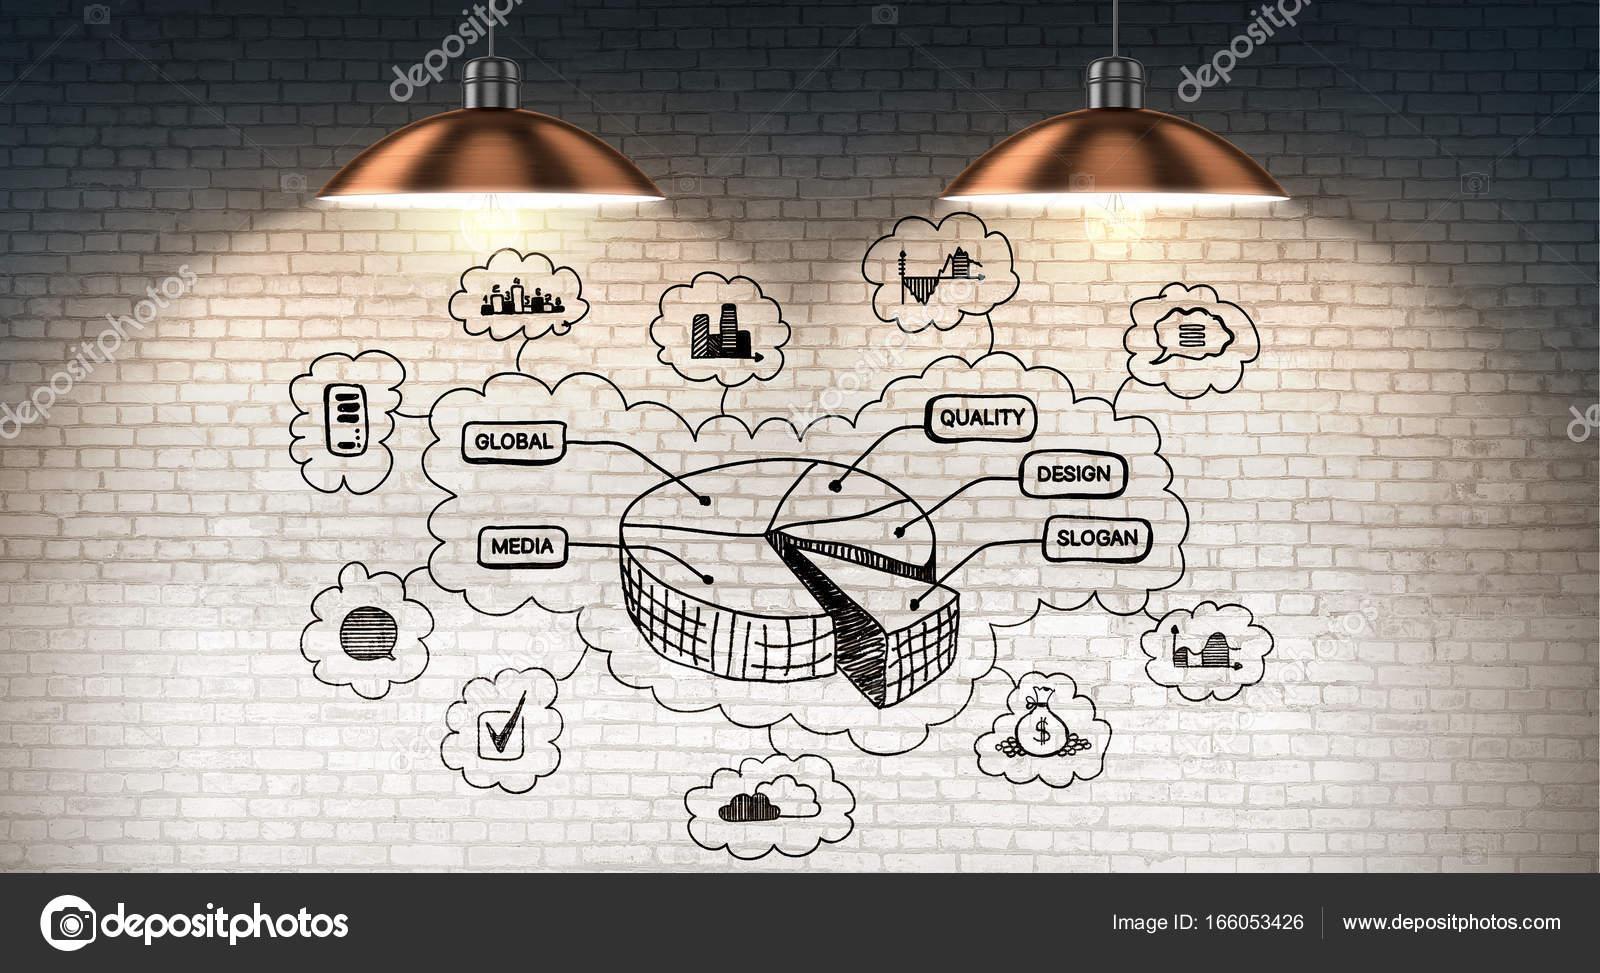 Секретный бизнес план перепродажа как бизнес идея